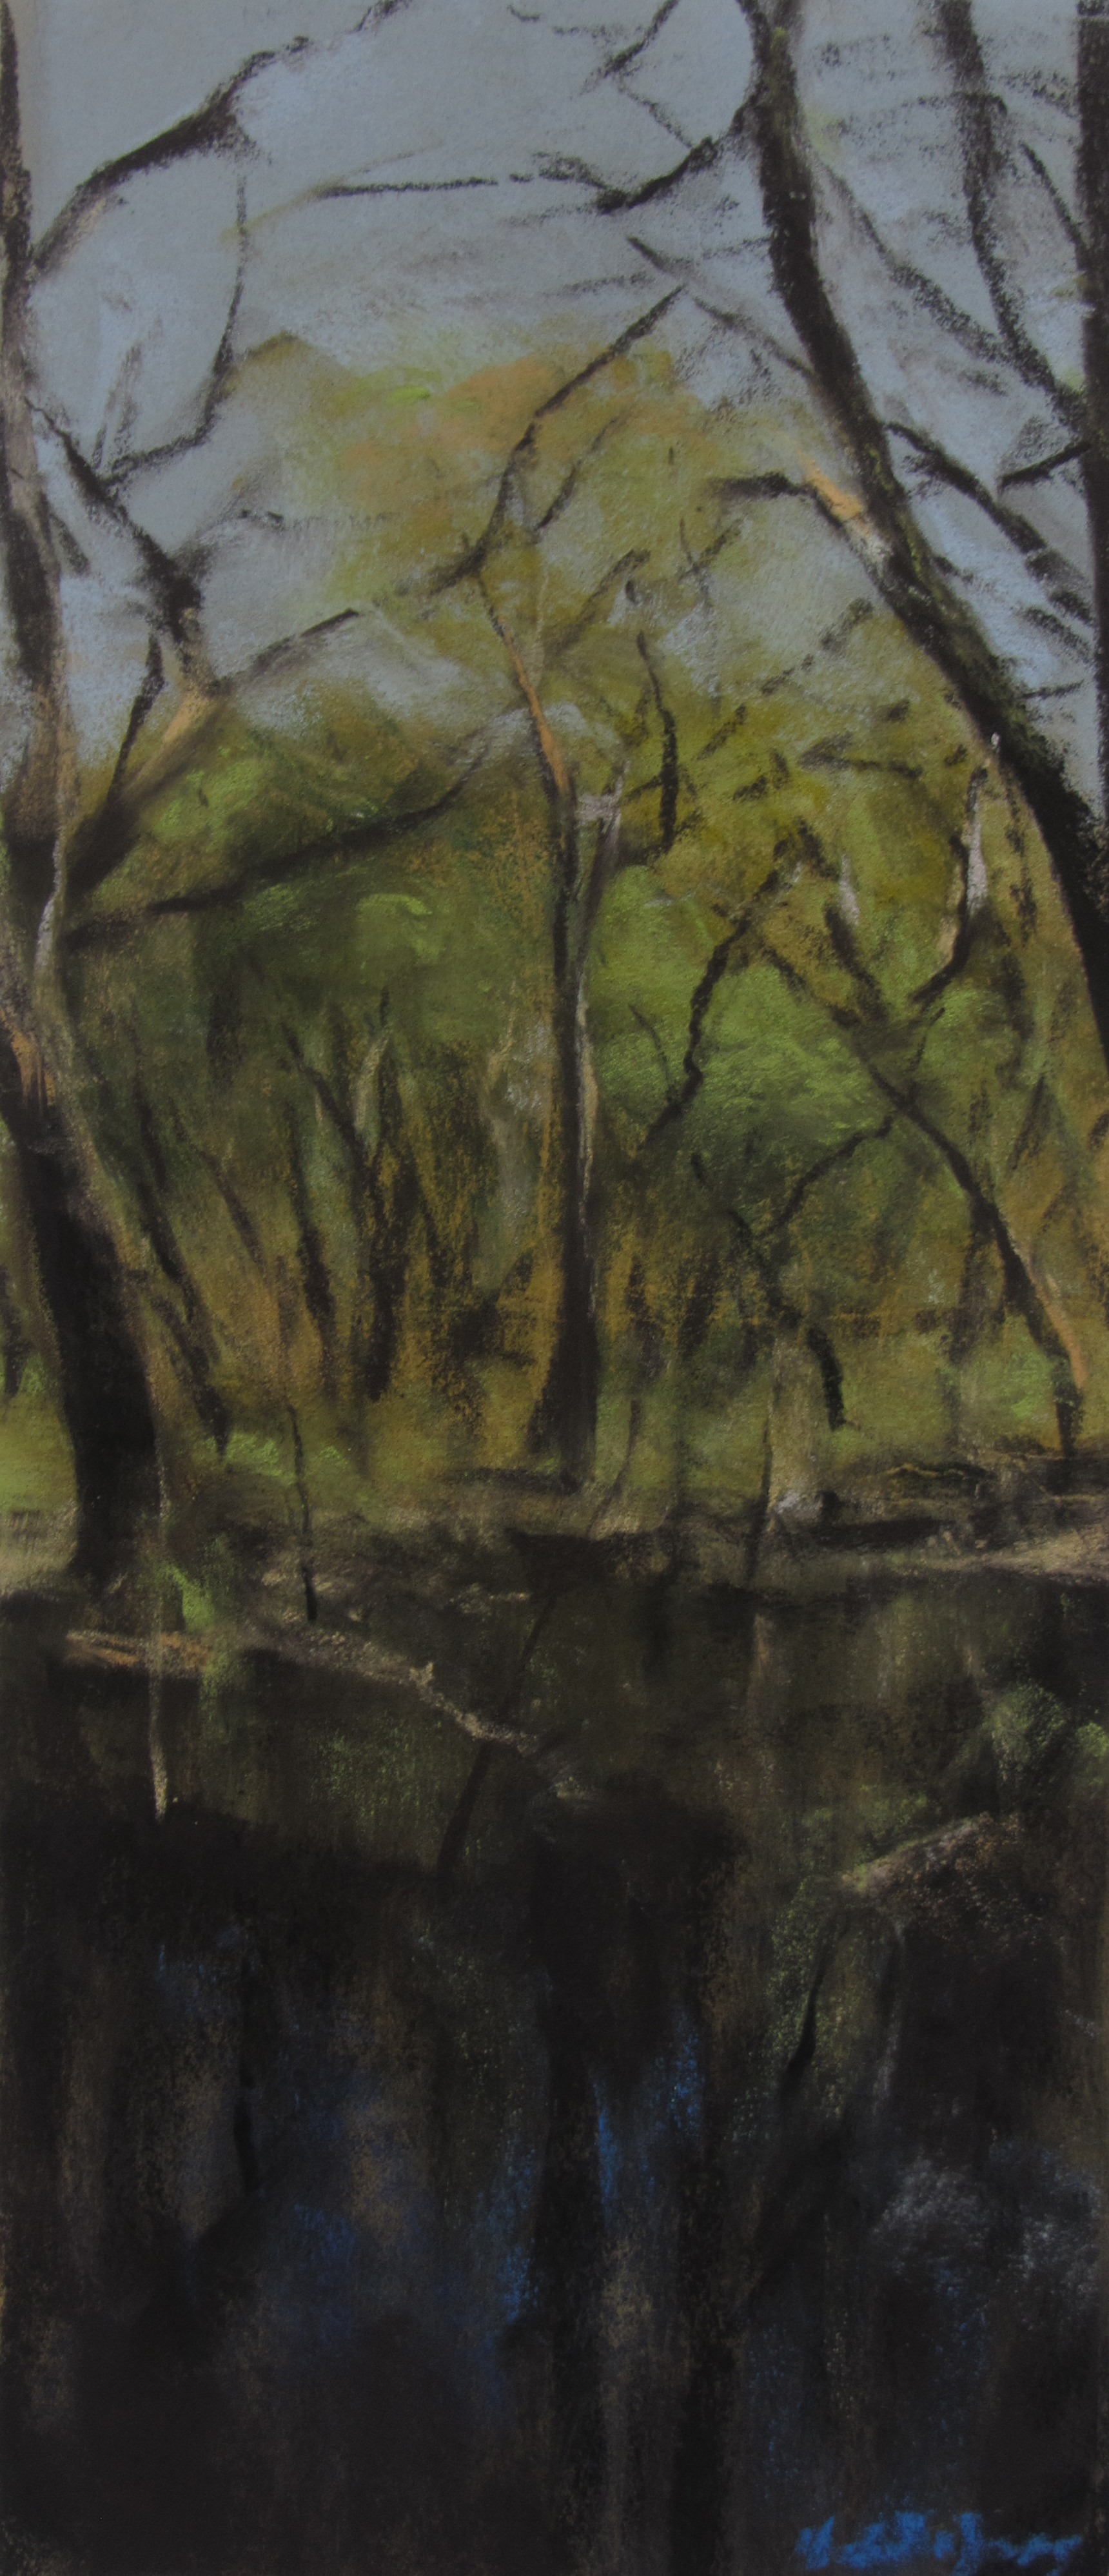 Le bois Bras au Pays de Matignon - Peinture au pastel sec par Isabelle - Douzamy - 17x42cm